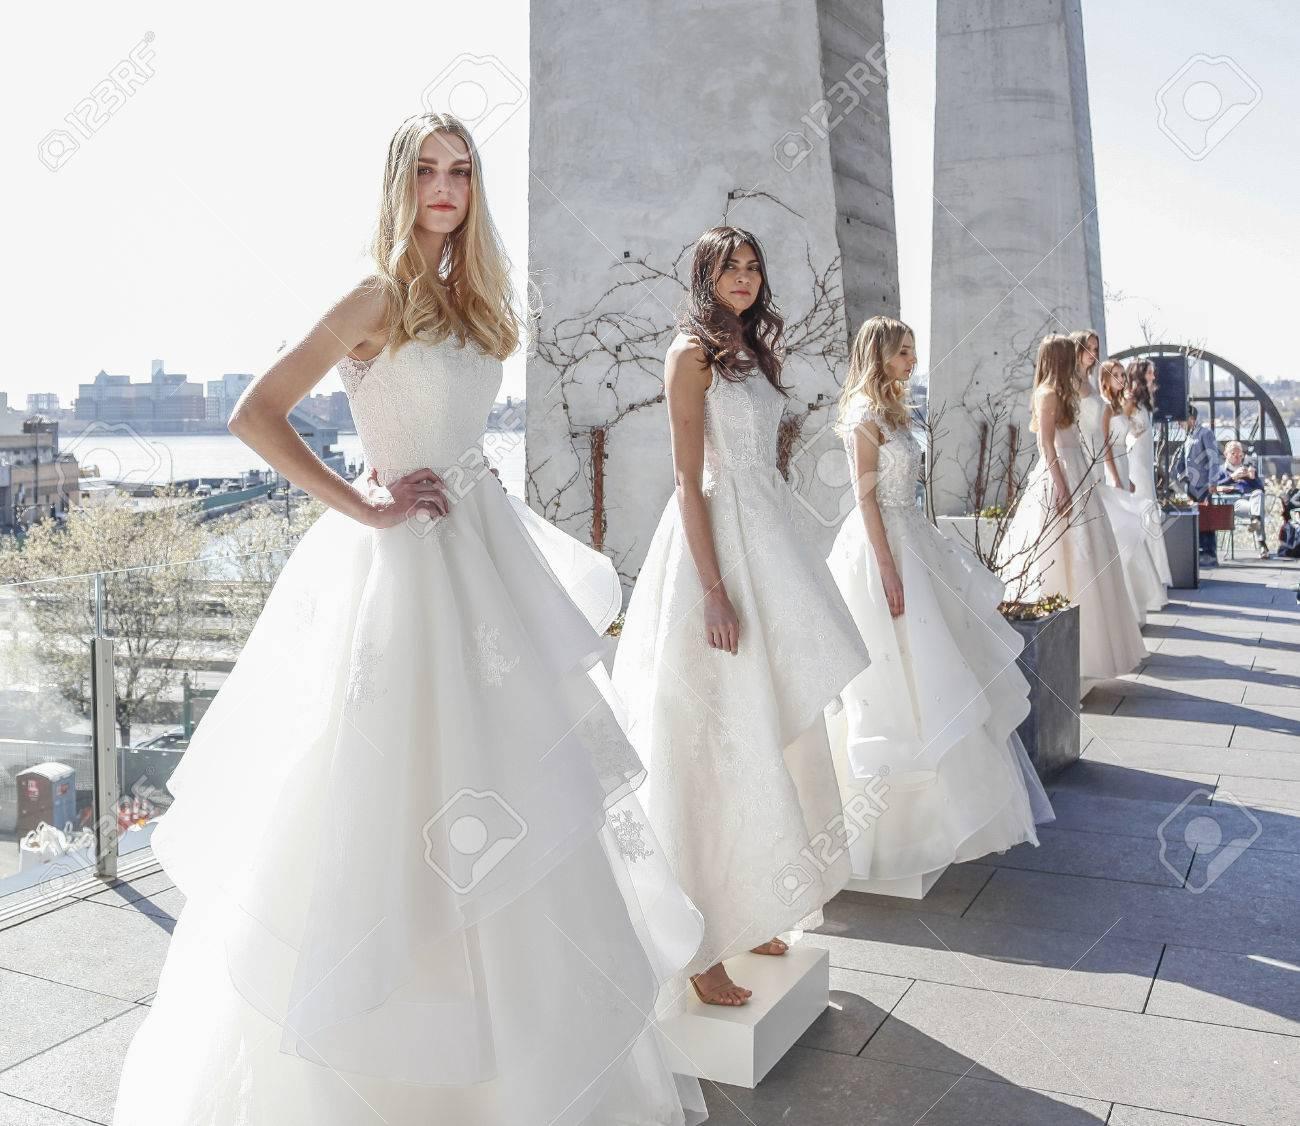 Vestidos de novia ee uu